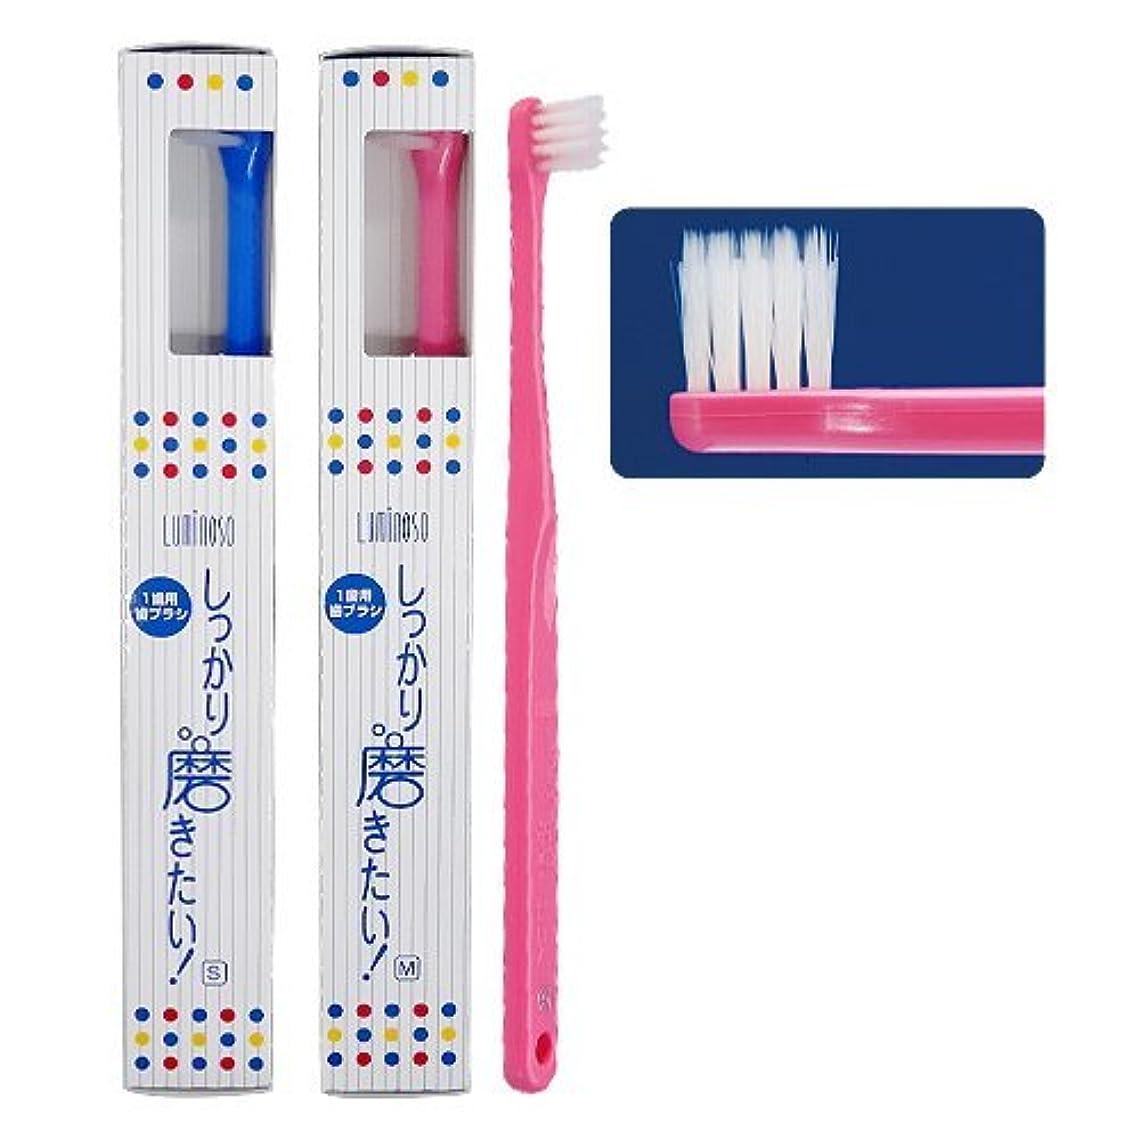 キャビン迷路ギャングスタールミノソ 1歯用歯ブラシ「しっかり磨きたい!」スタンダード ソフト (カラー指定不可) 3本